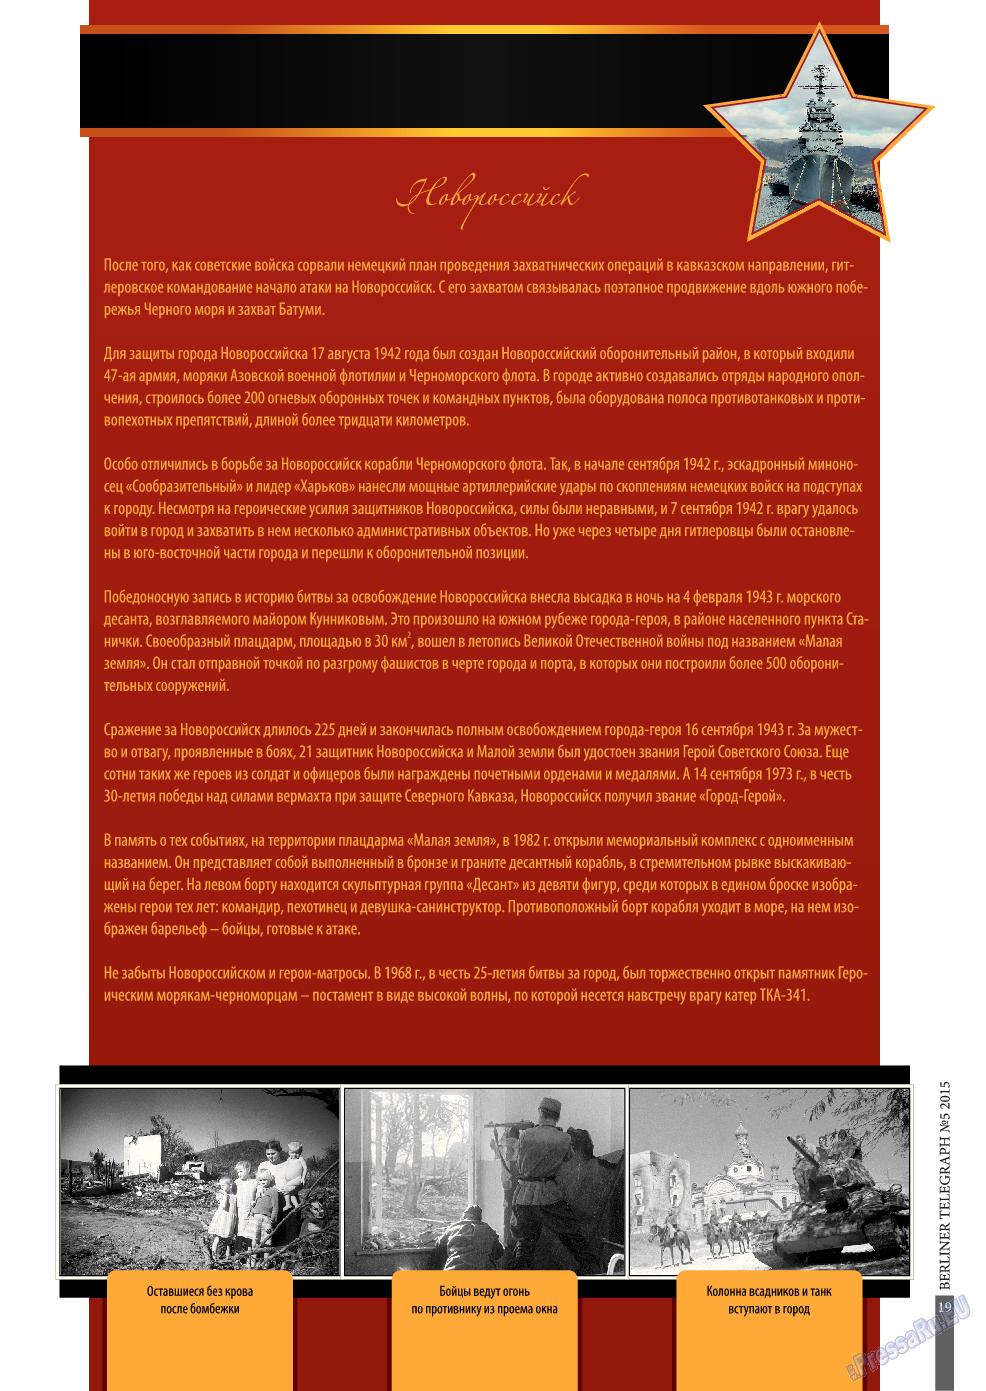 Берлинский телеграф (журнал). 2015 год, номер 5, стр. 19